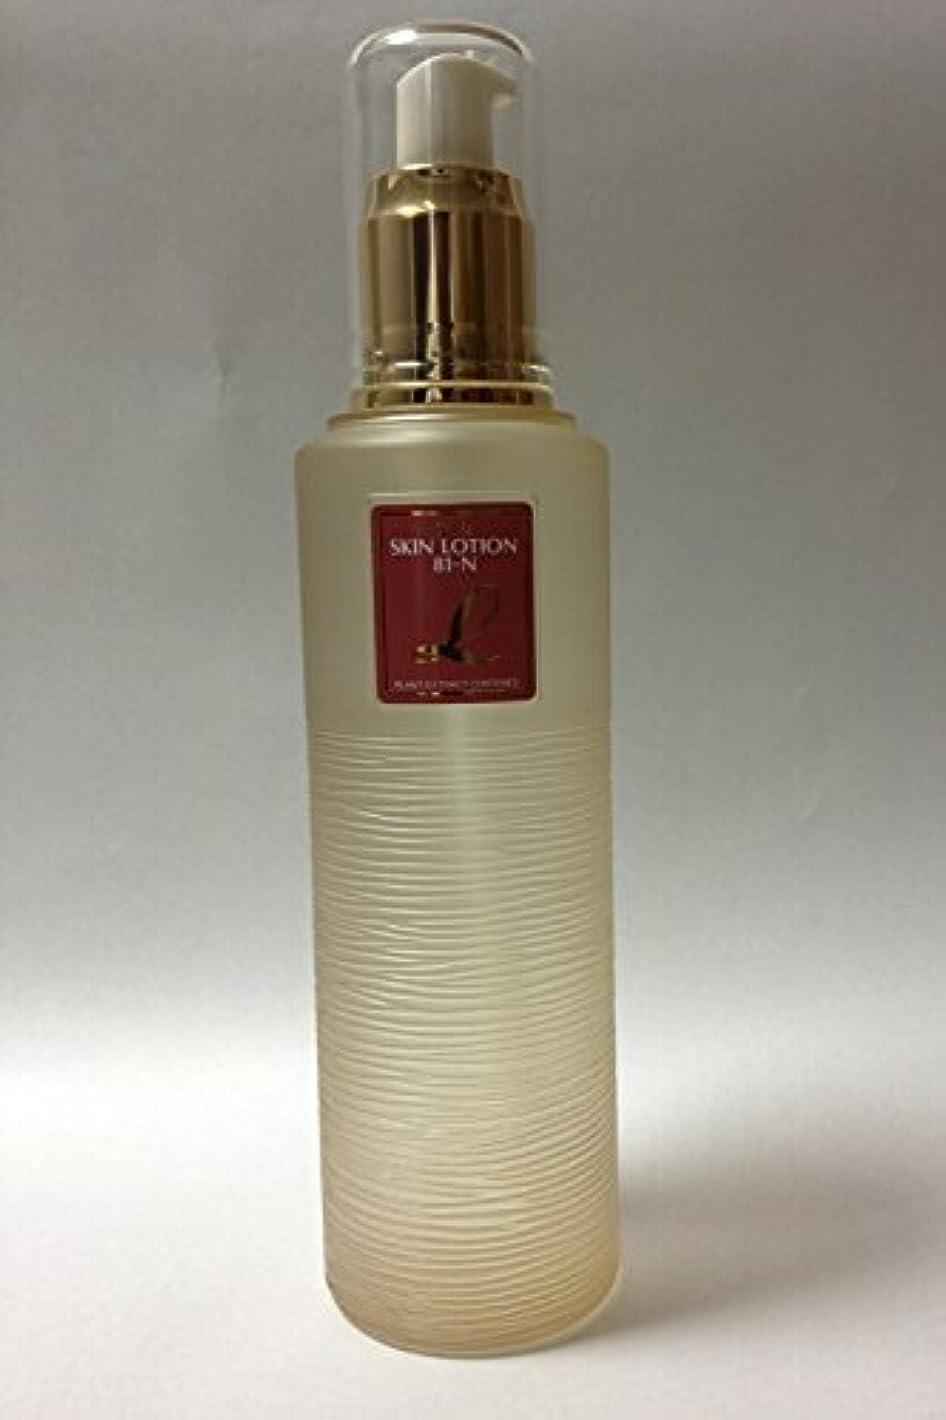 ご飯執着申請者レラ スキンローション81-N (化粧水 弱酸性 保湿)乾燥肌~普通肌用